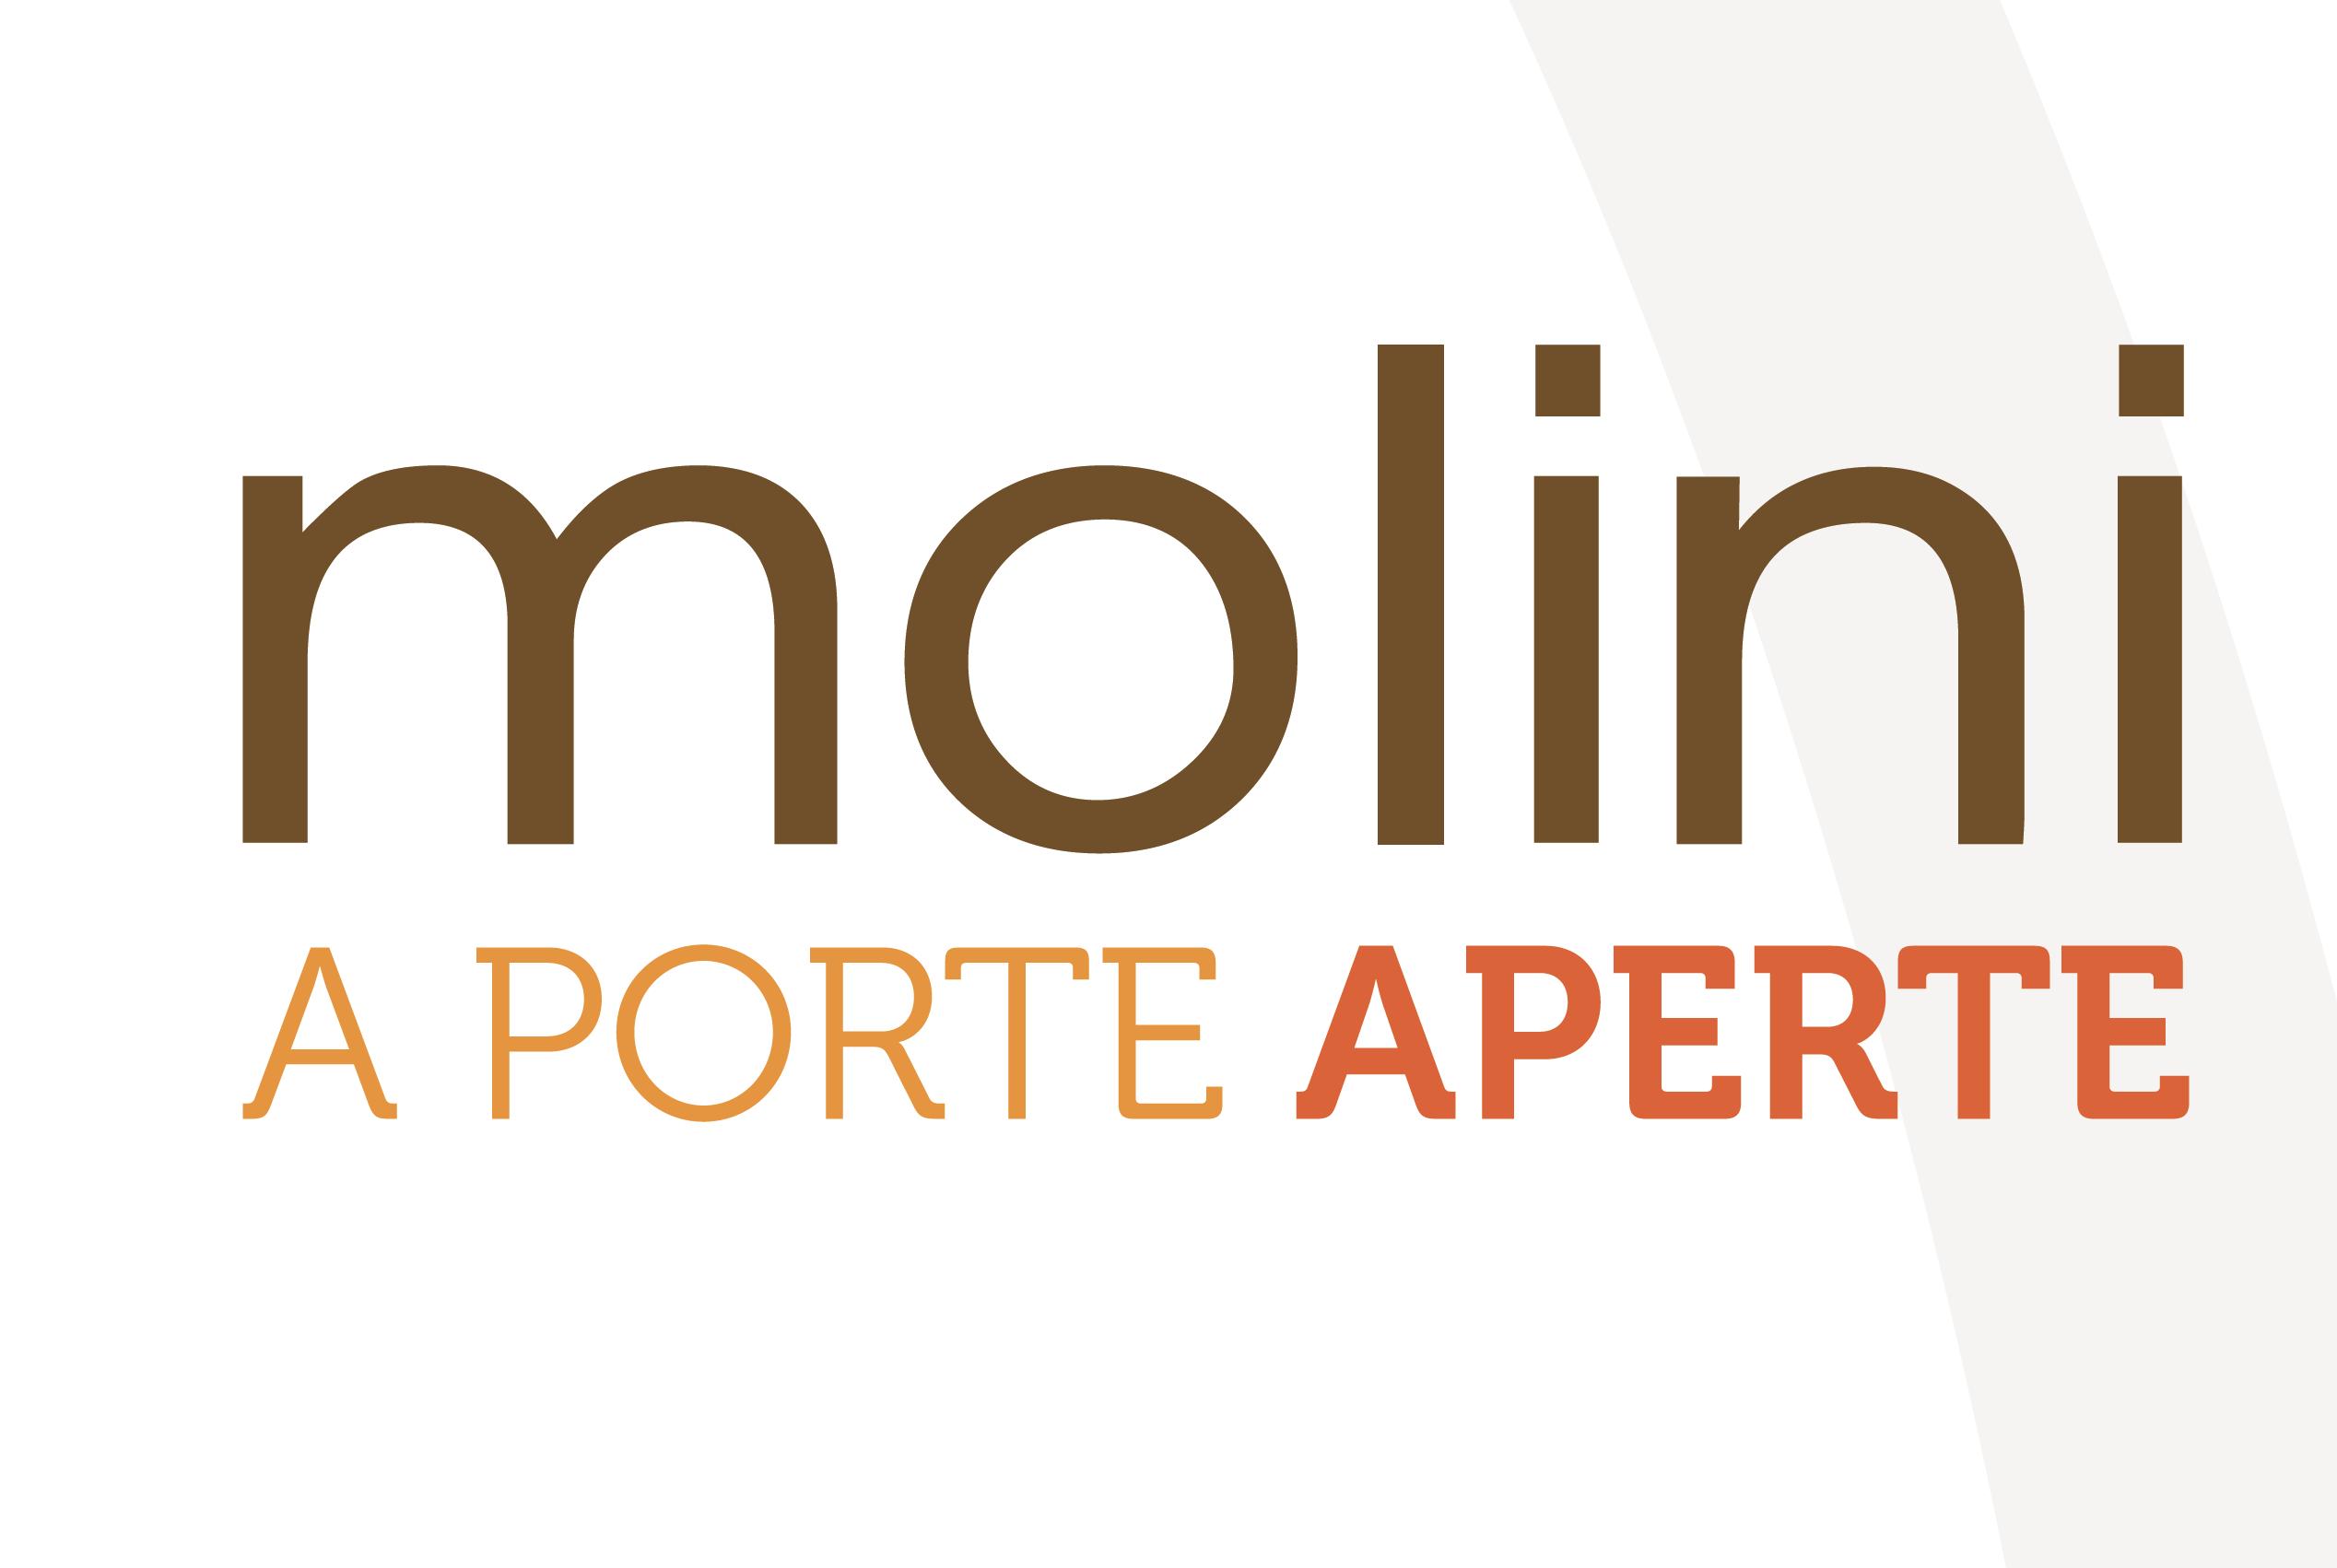 Molini a Porte Aperte: l'iniziativa in programma sabato 11 maggio 2019